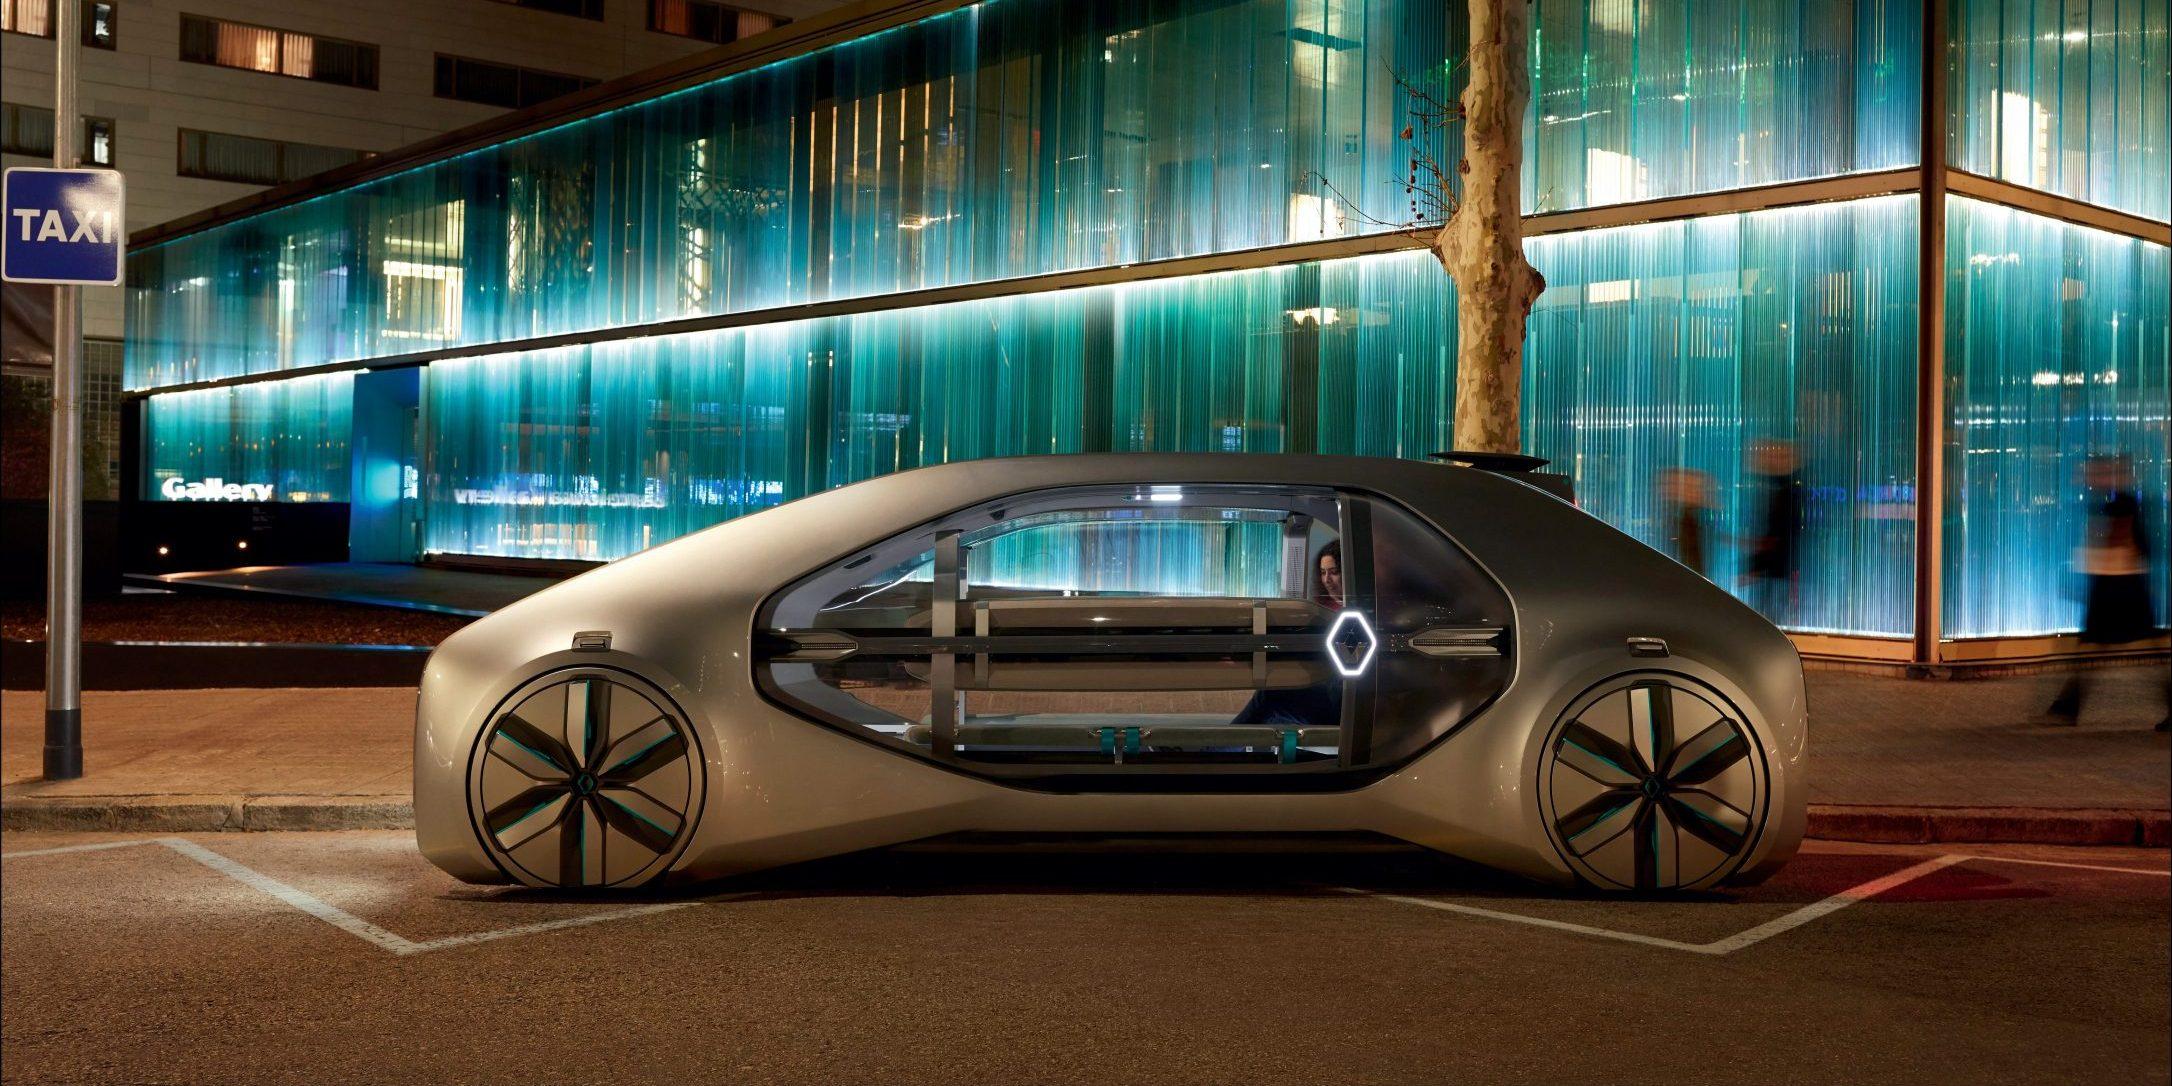 Renault Unveils Ez Go A Level 4 Autonomous Ridesharing Electric